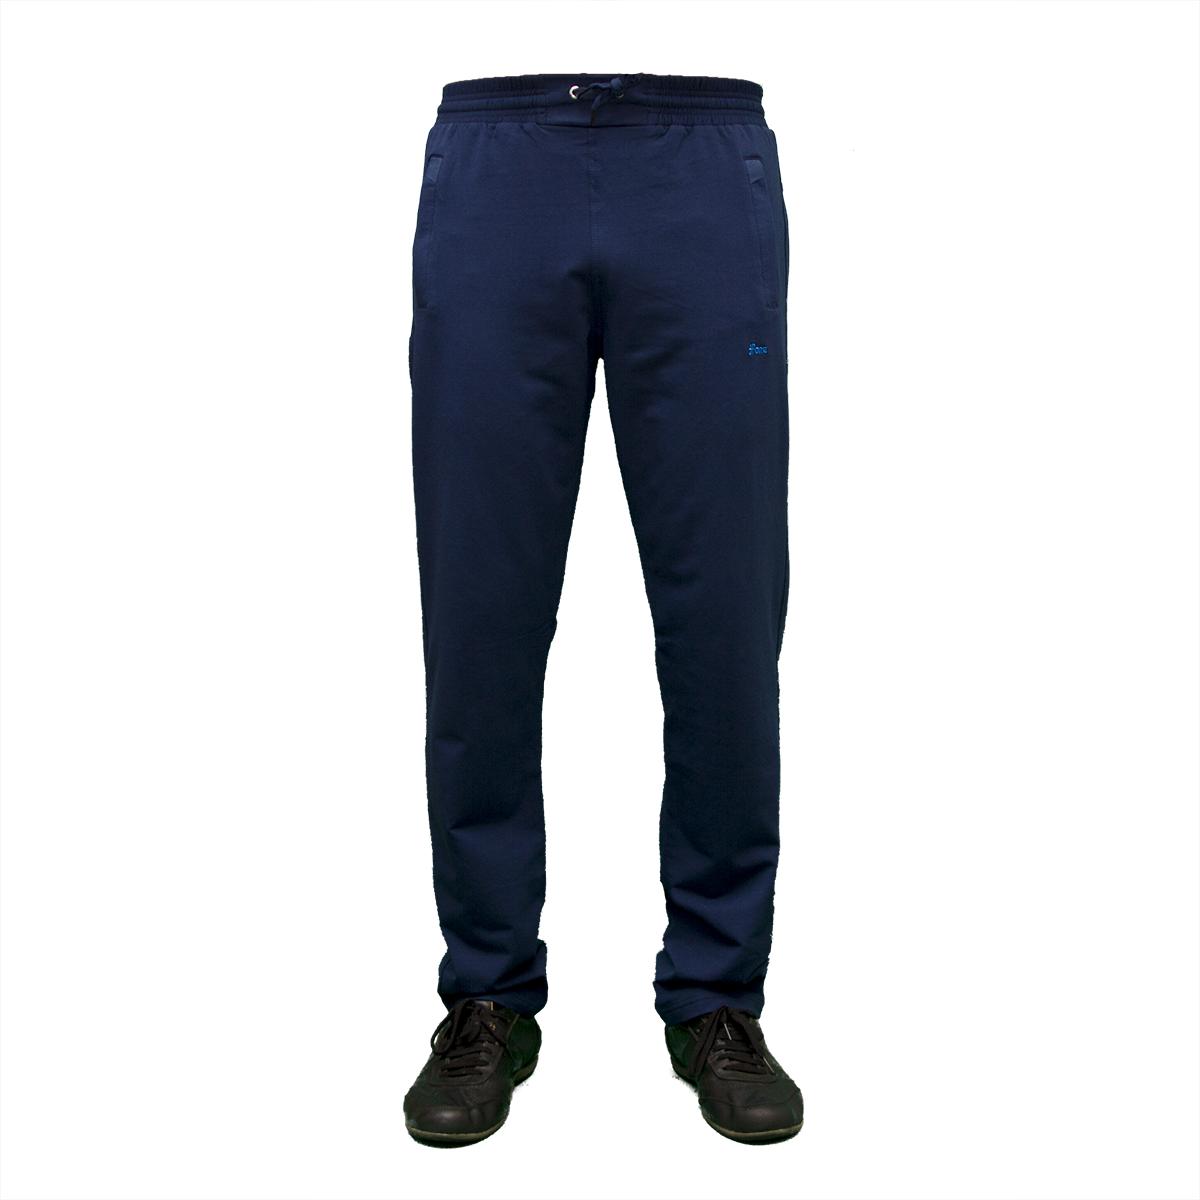 Мужские спортивные штаны трикотаж низкие цены  тм. FORE арт.9283